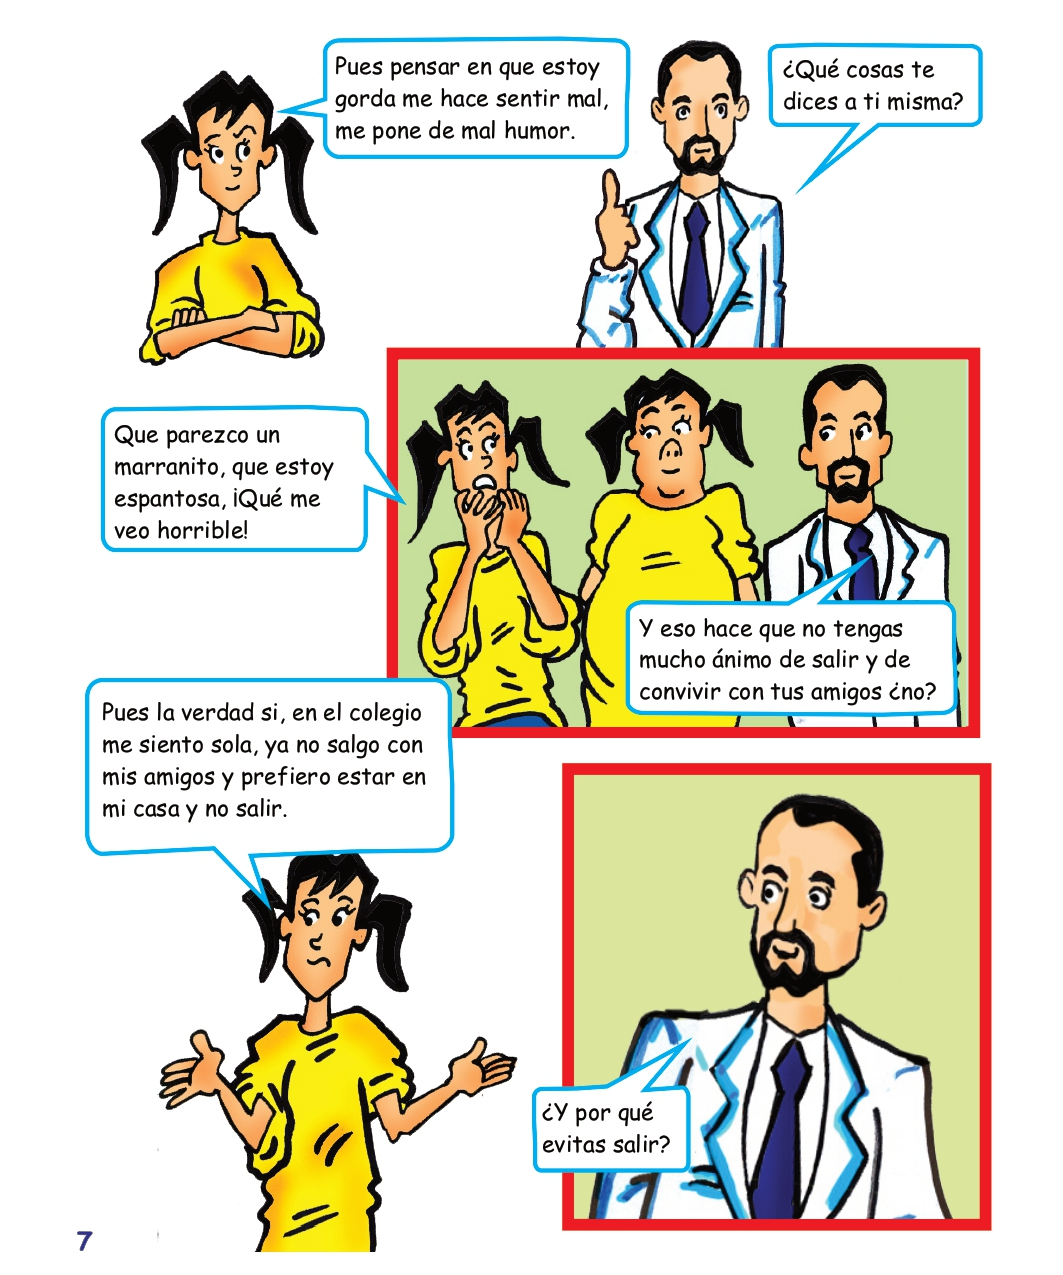 Psicología padres Reyhan cap2 digital_page-0010